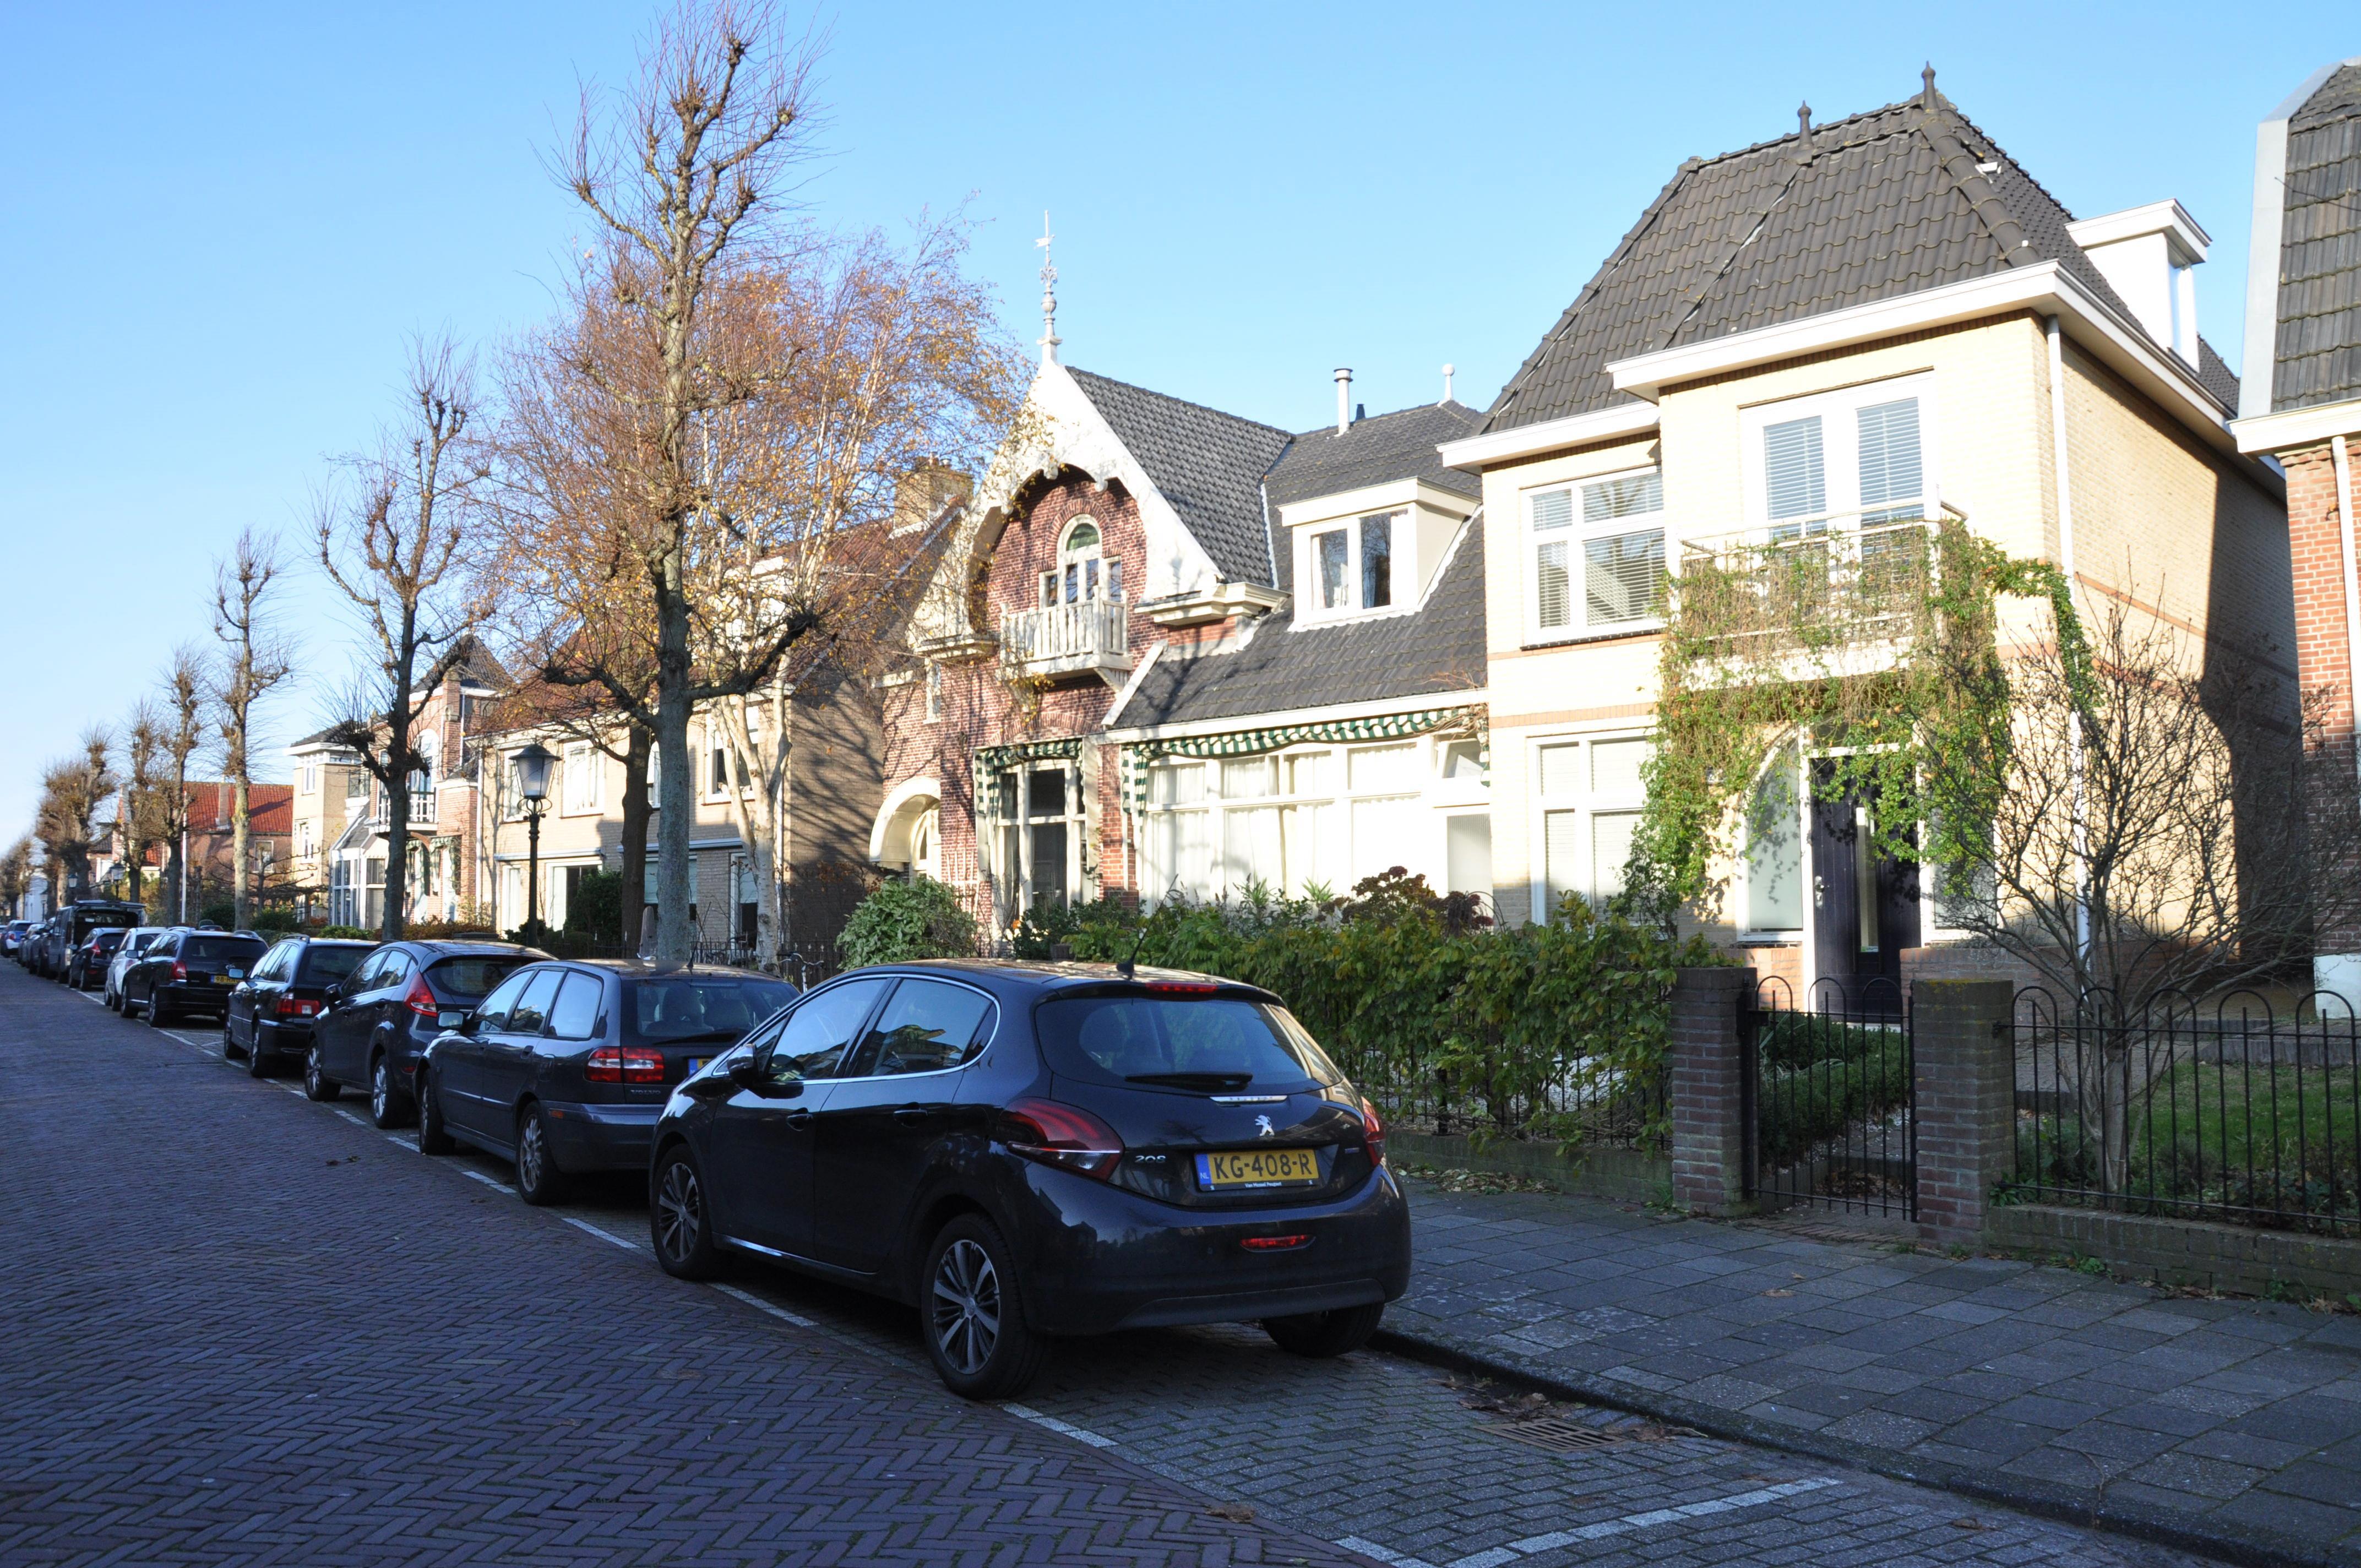 Wilhelminastraat 32A, Noordwijk